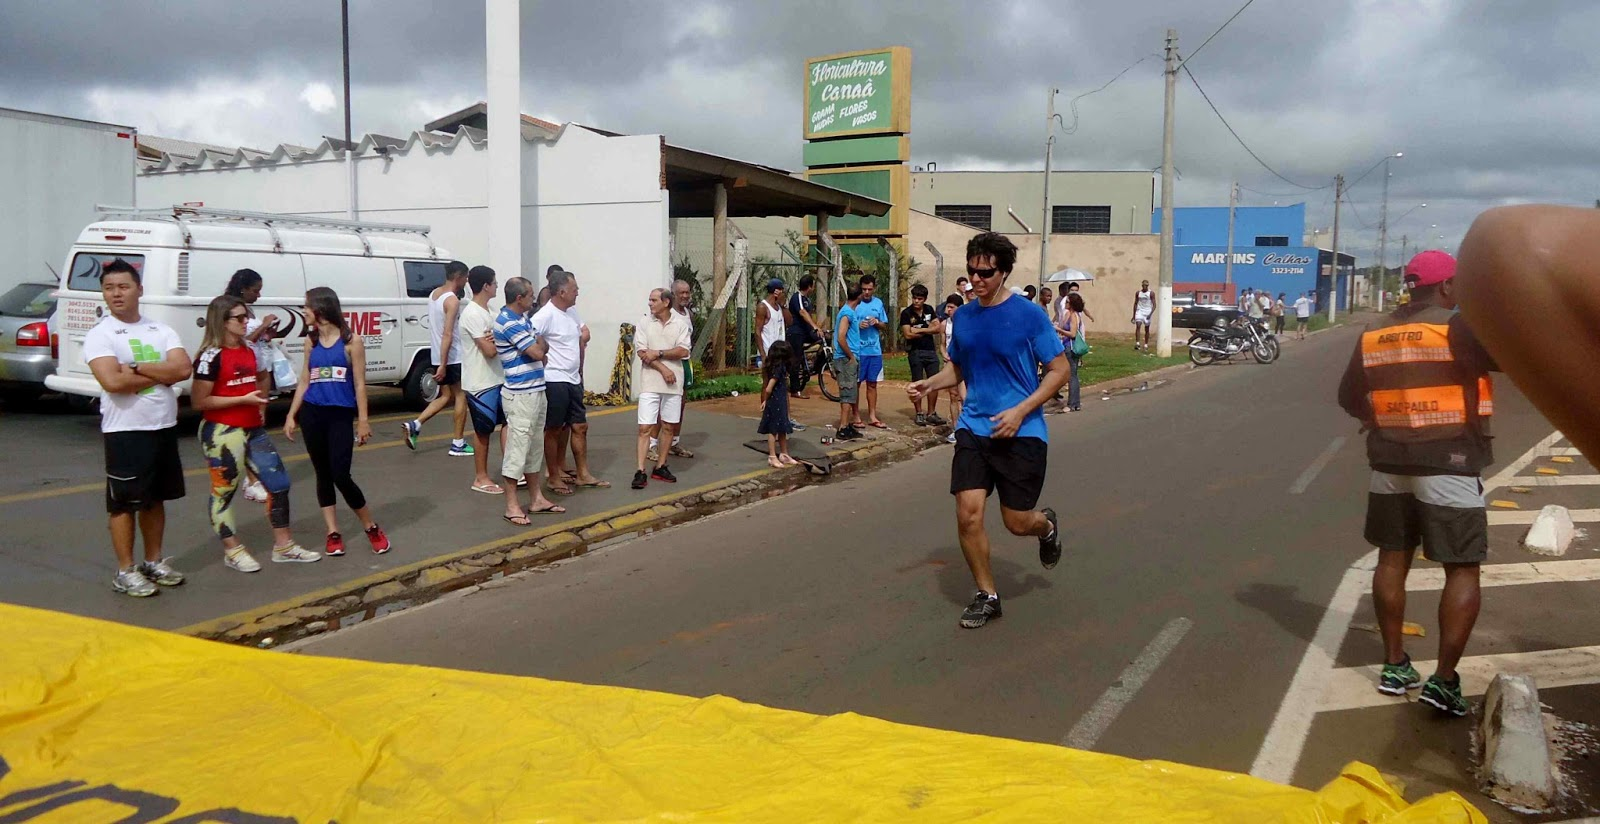 Foto 169 da 1ª Corrida Av. dos Coqueiros em Barretos-SP 14/04/2013 – Atletas cruzando a linha de chegada